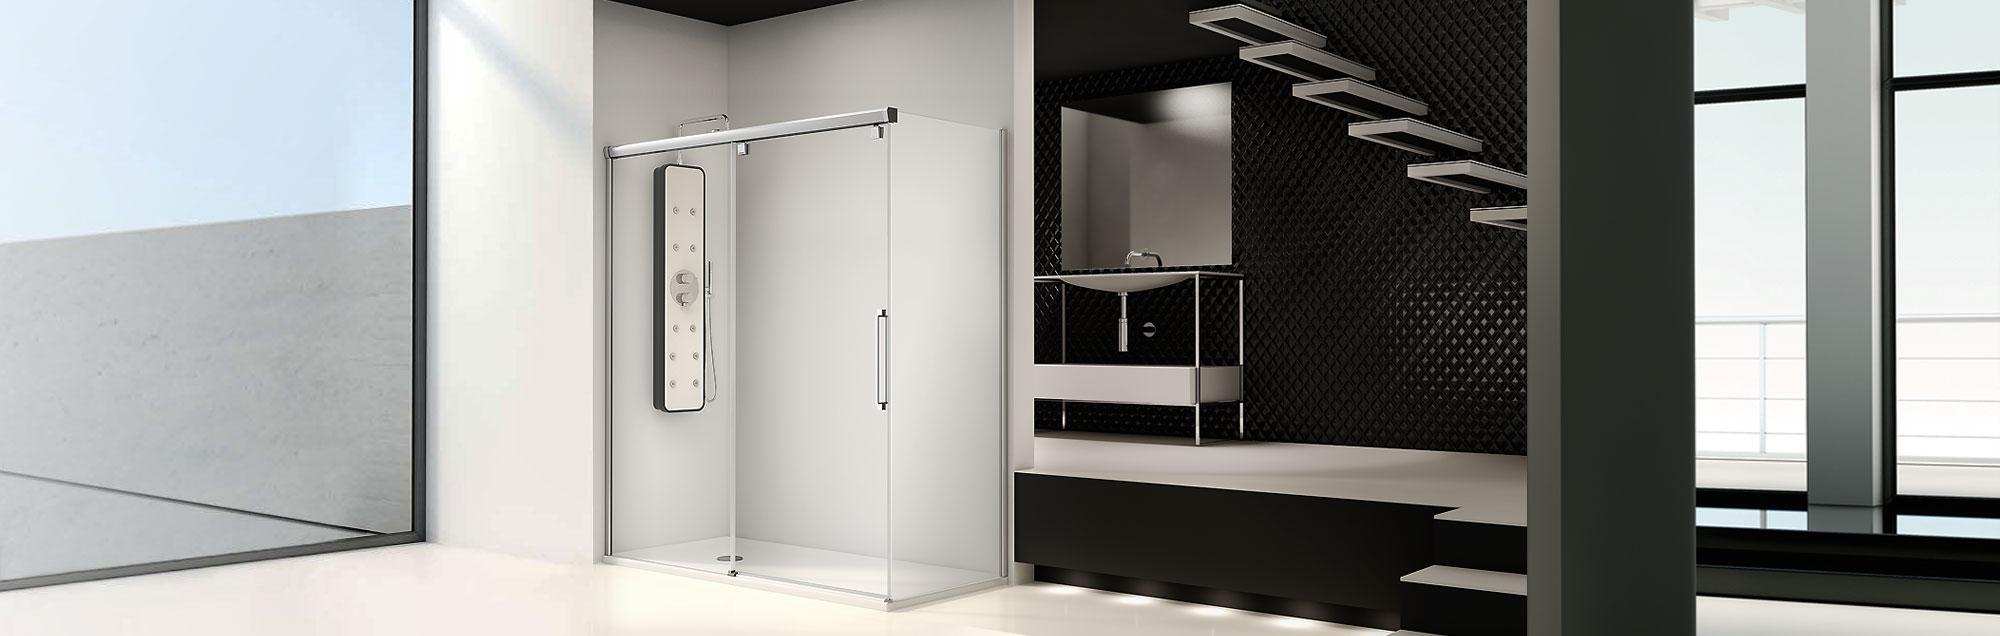 Serie Vetro - Duschabtrennungen nach Maß mit Gleittüren